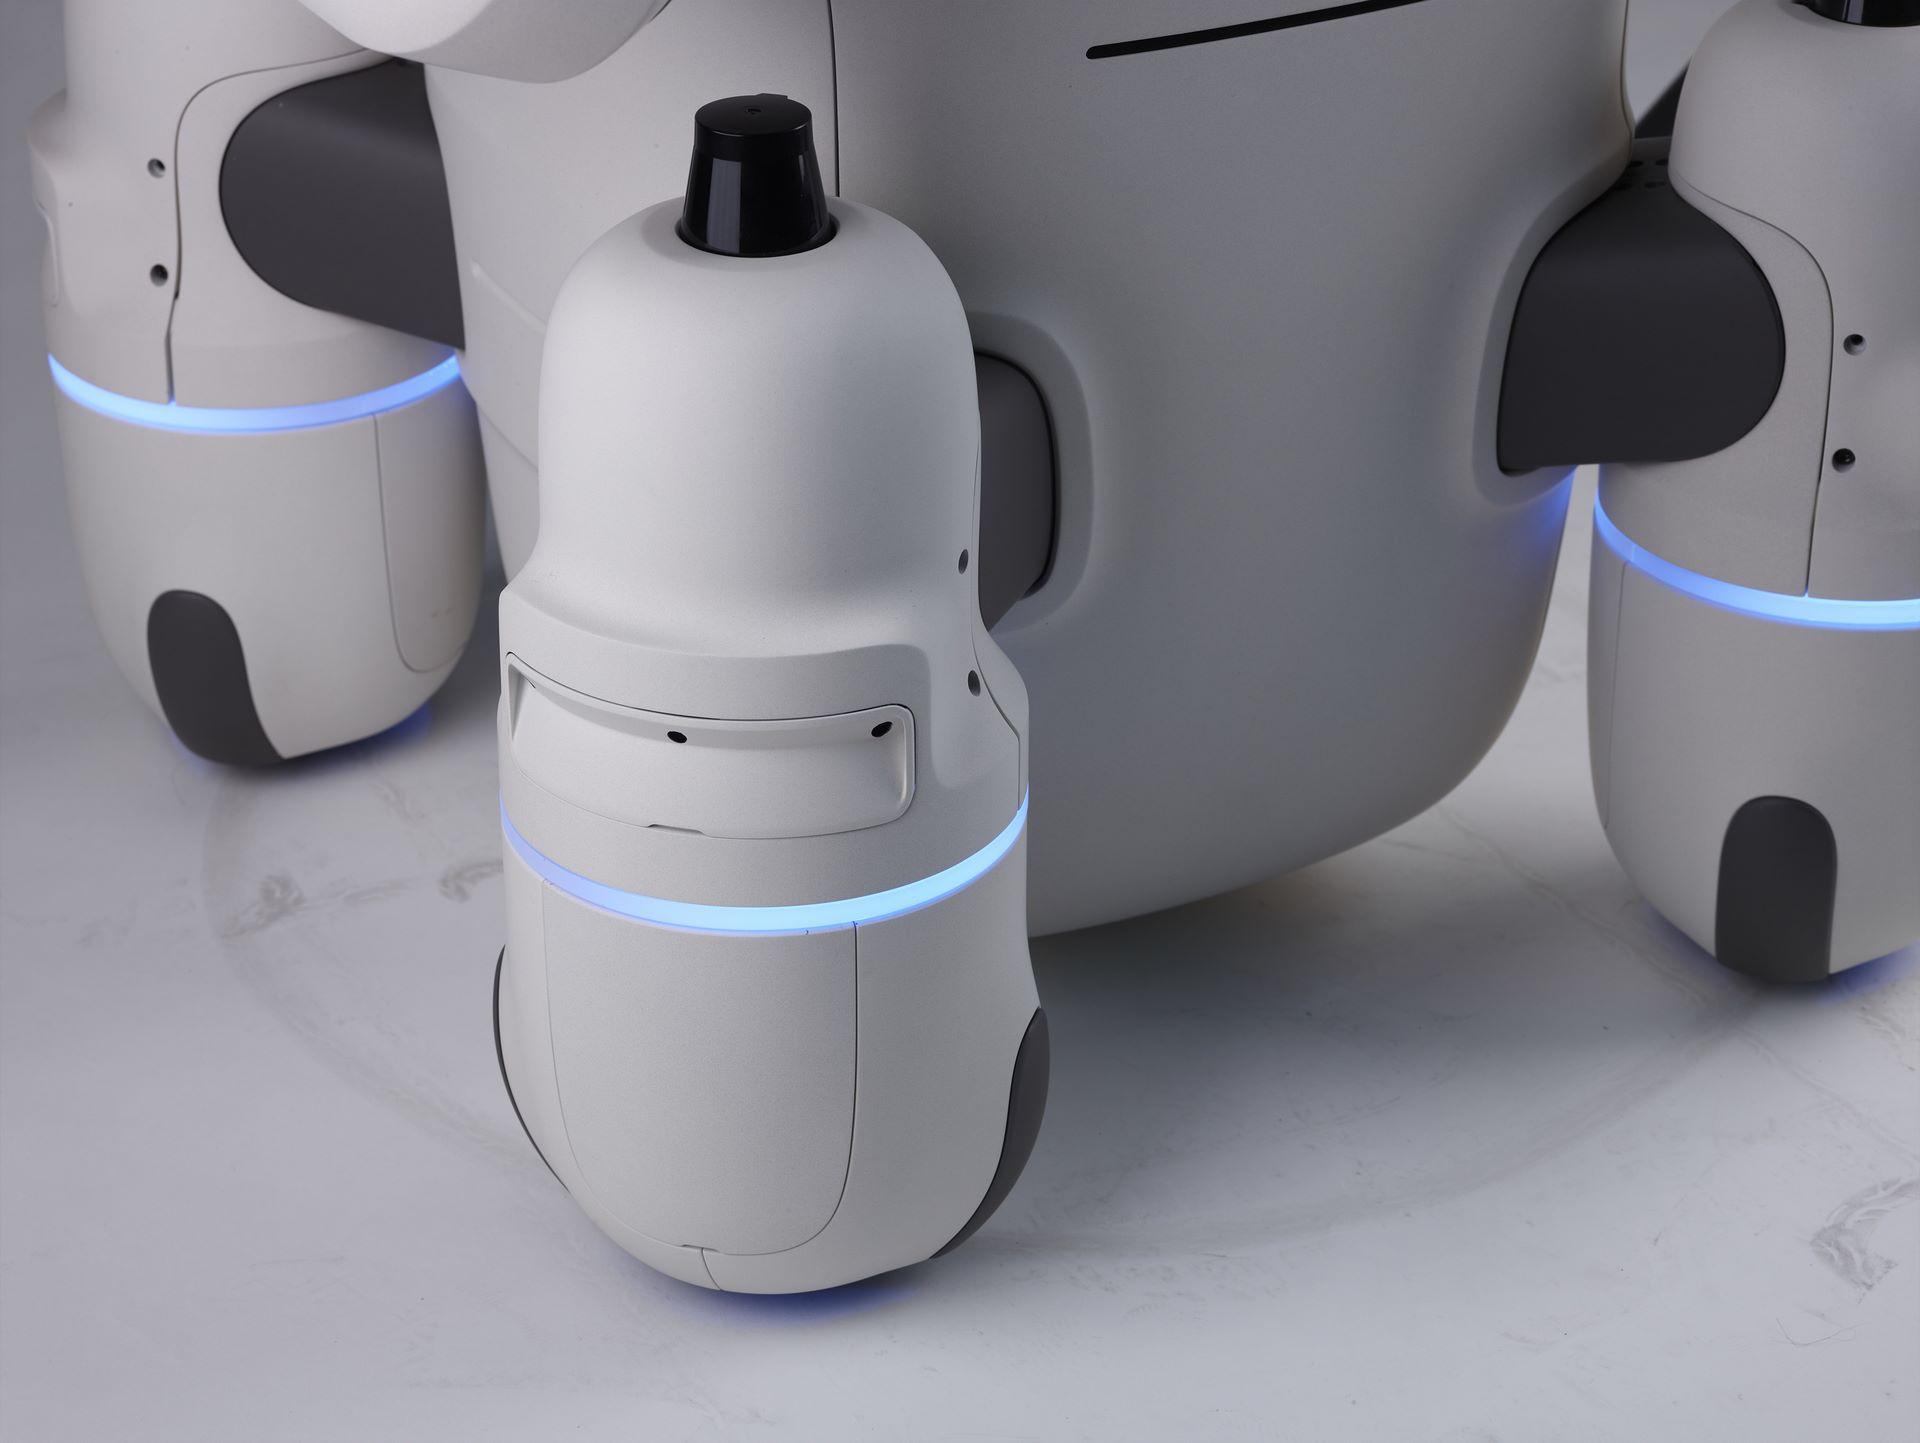 Hyundai-DAL-e-robot-5